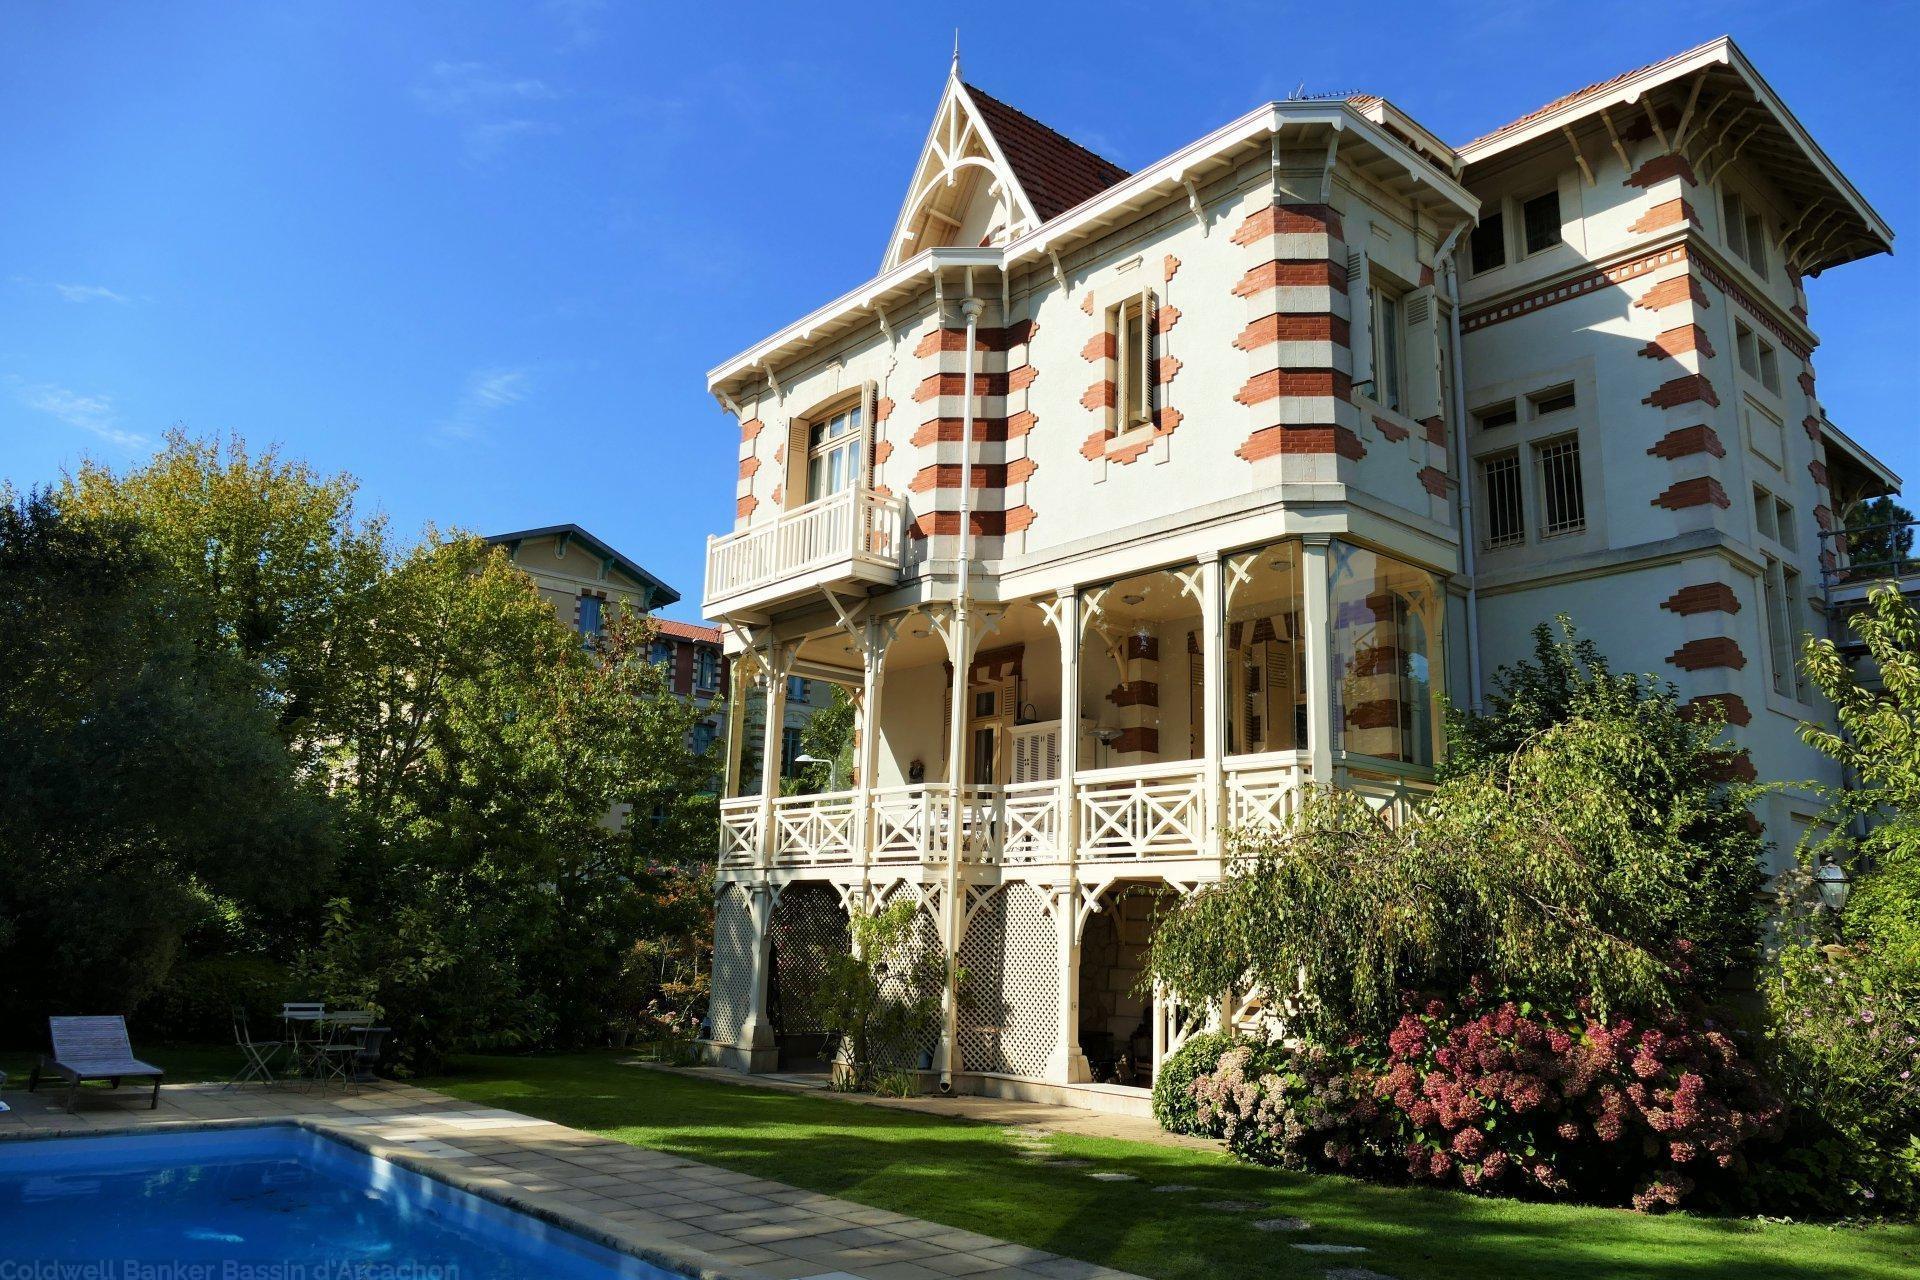 villa arcachonnaise exceptionnelle de standing a vendre ville d'hiver arcachon